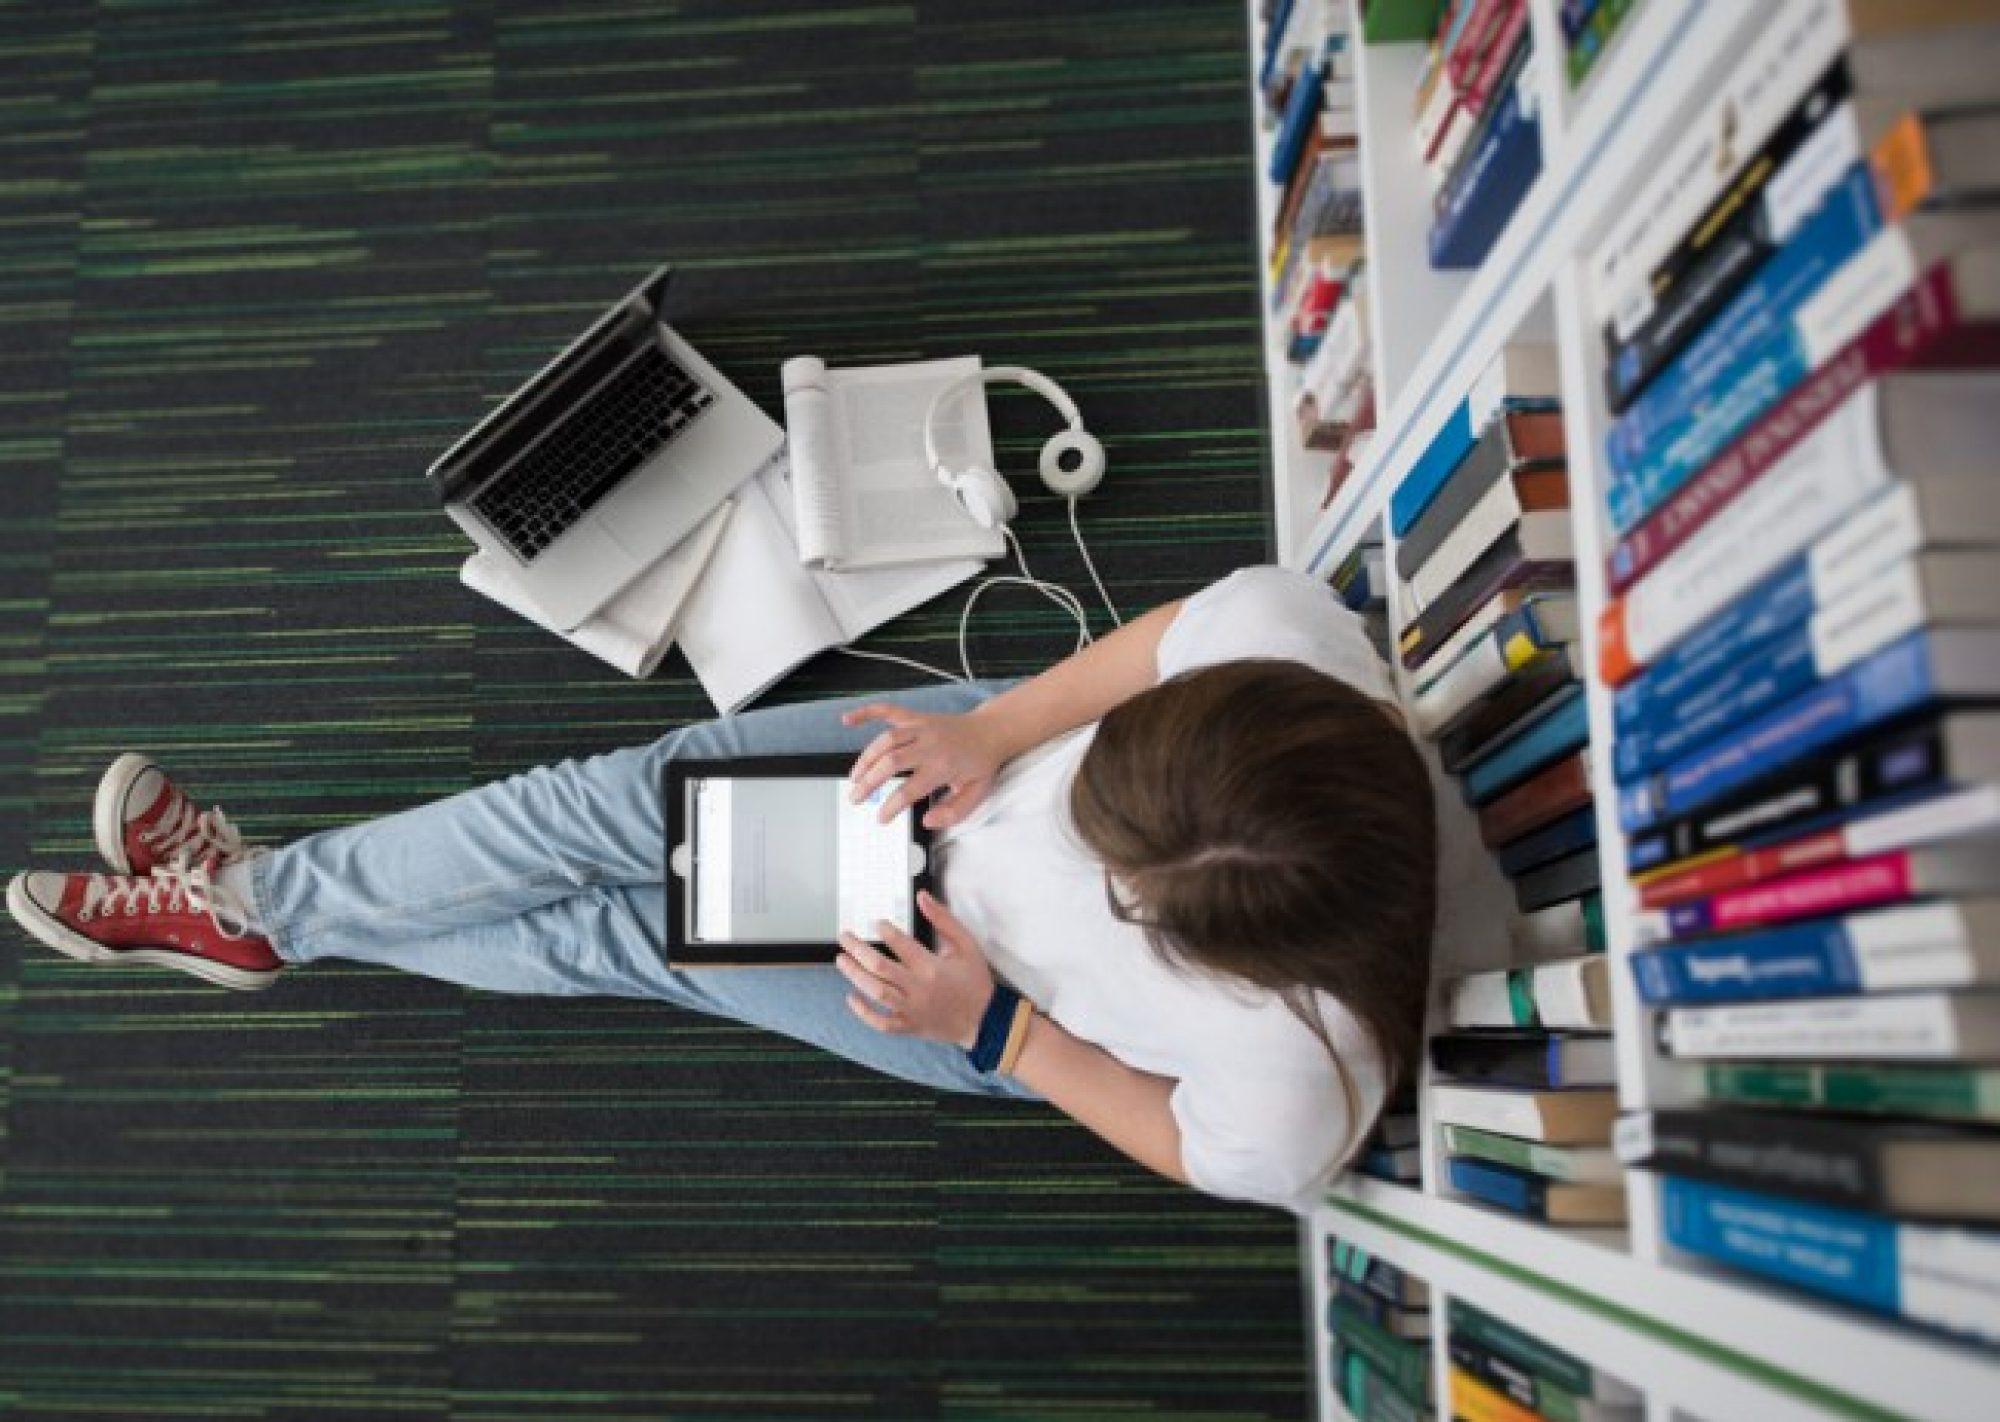 cropped-las-bibliotecas-escolares-deben-entender-la-transformacic3b3n-digital-del-aprendizaje.jpg